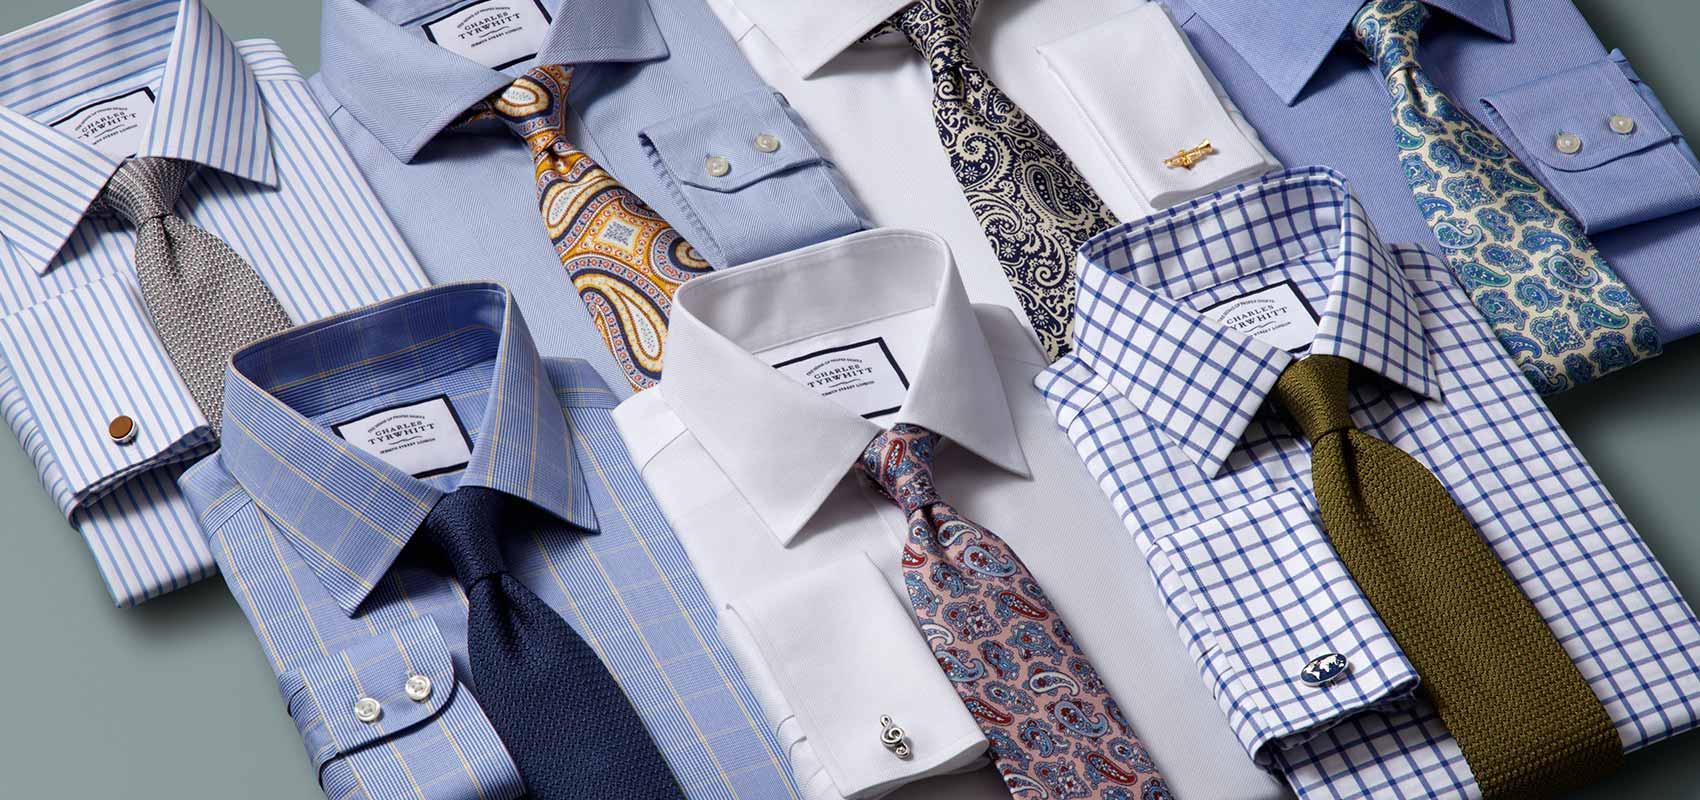 Charles Tyrwhitt Blaue und weiße bügelfreie Hemden